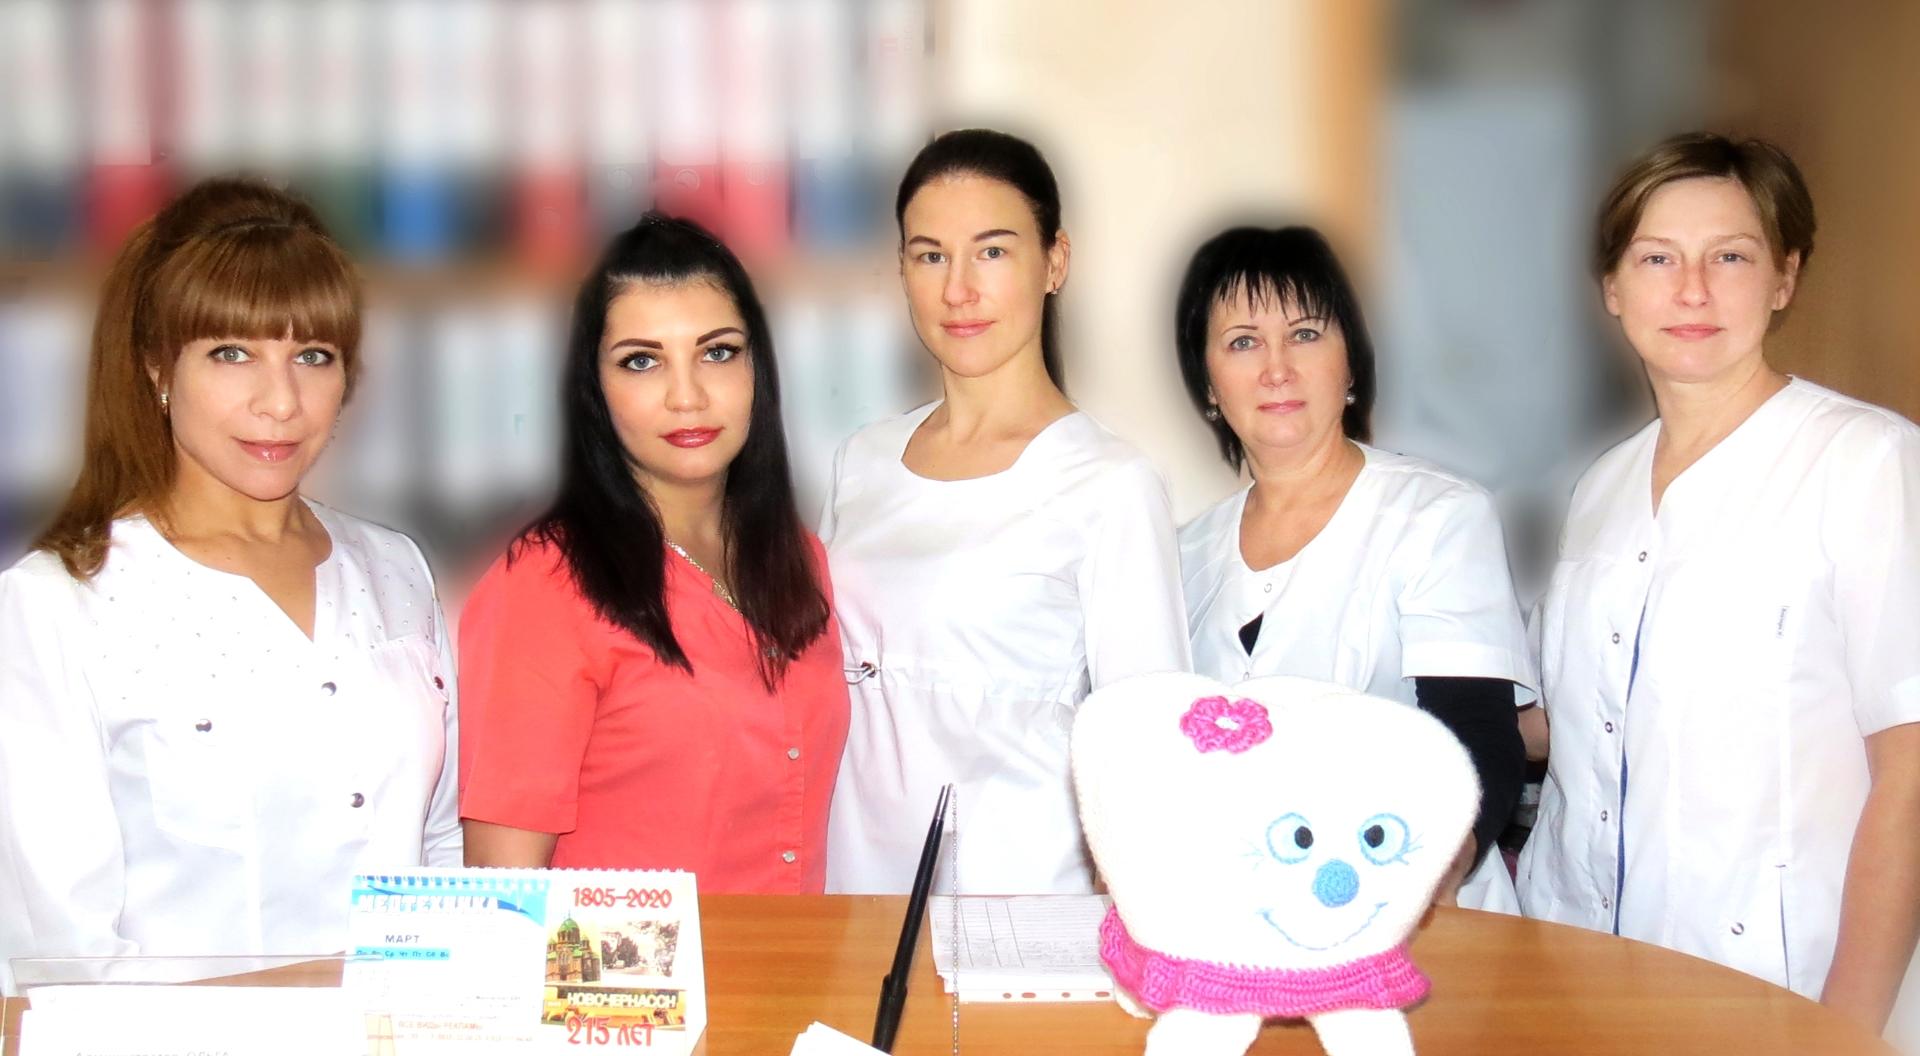 СТОМСЕРВИС — стоматологическая клиника, которой доверяют!